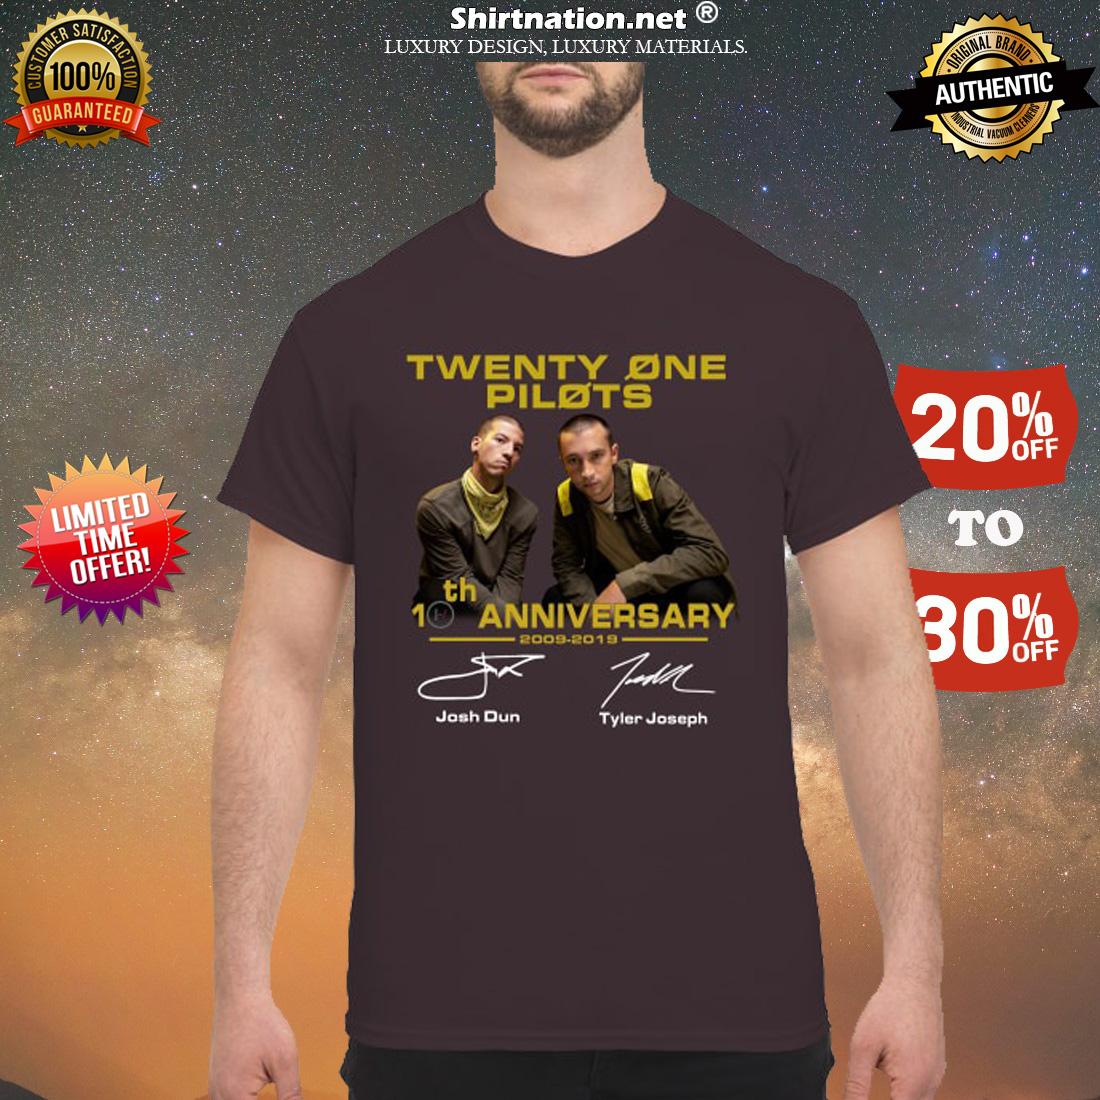 Twenty one pilots 10th anniversary shirt